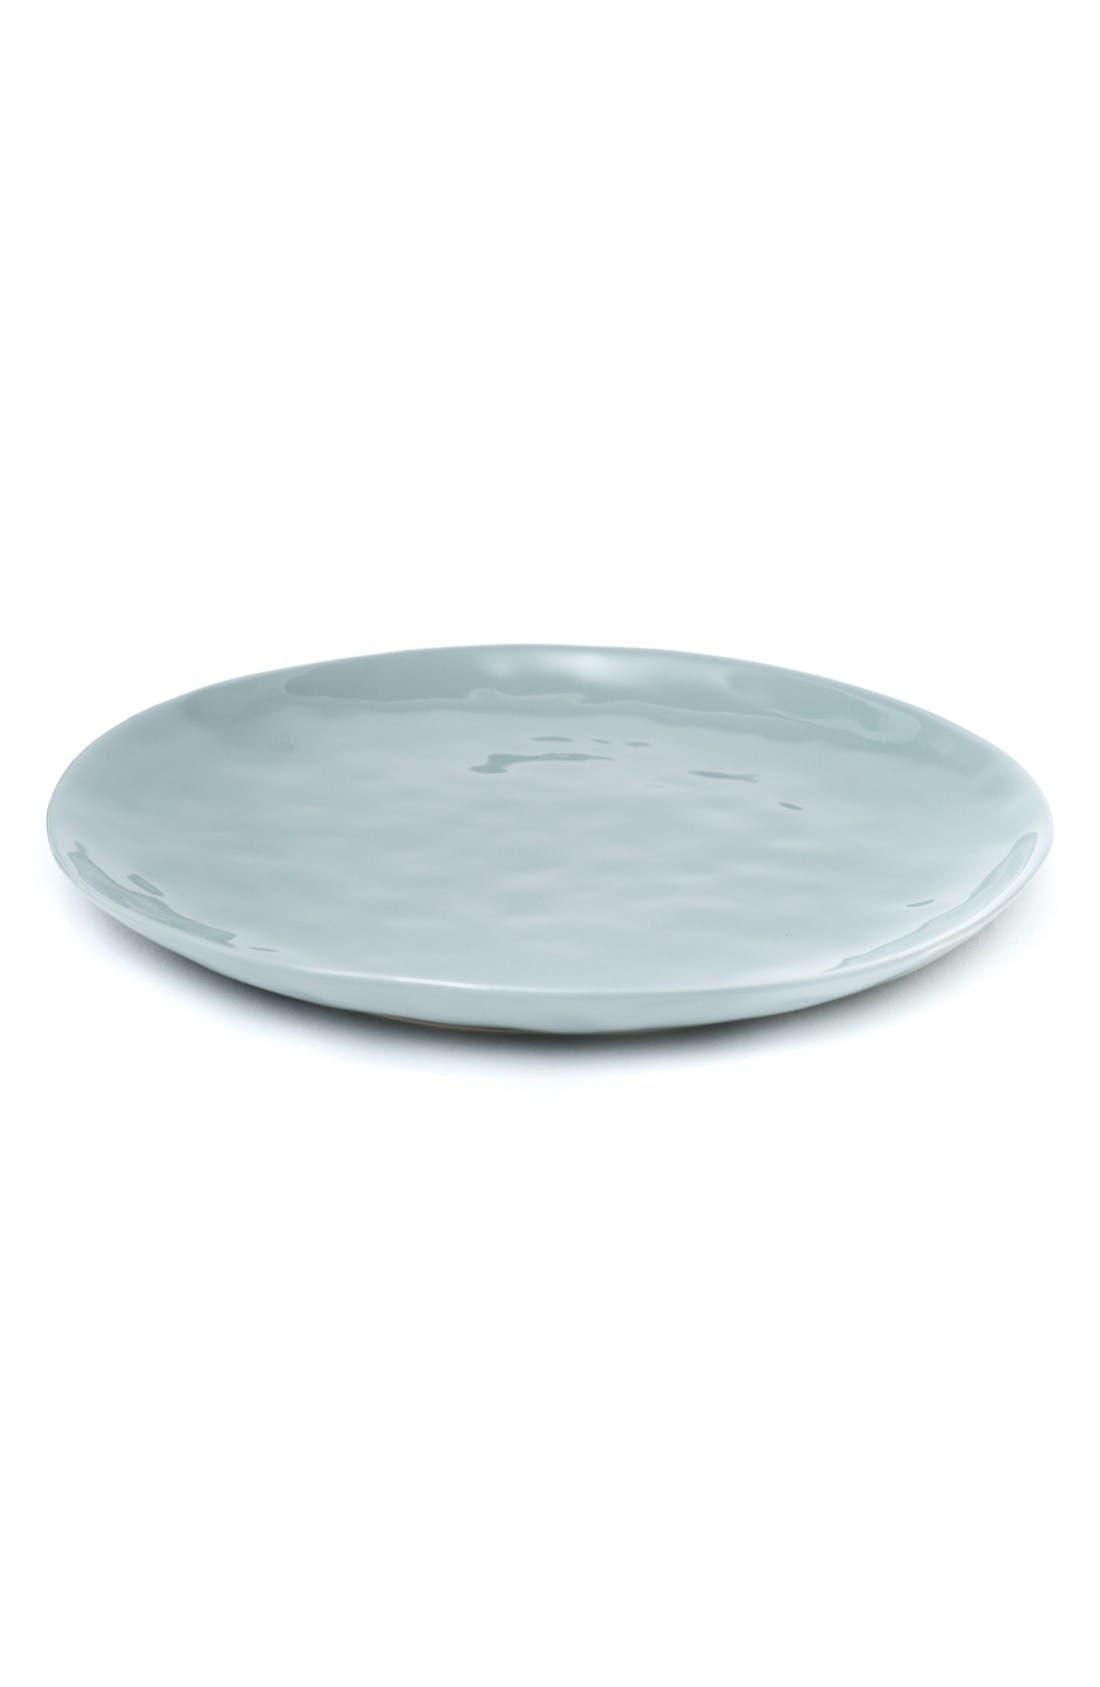 zestt 'Sculptured' Dinner Plates (Set of 4)